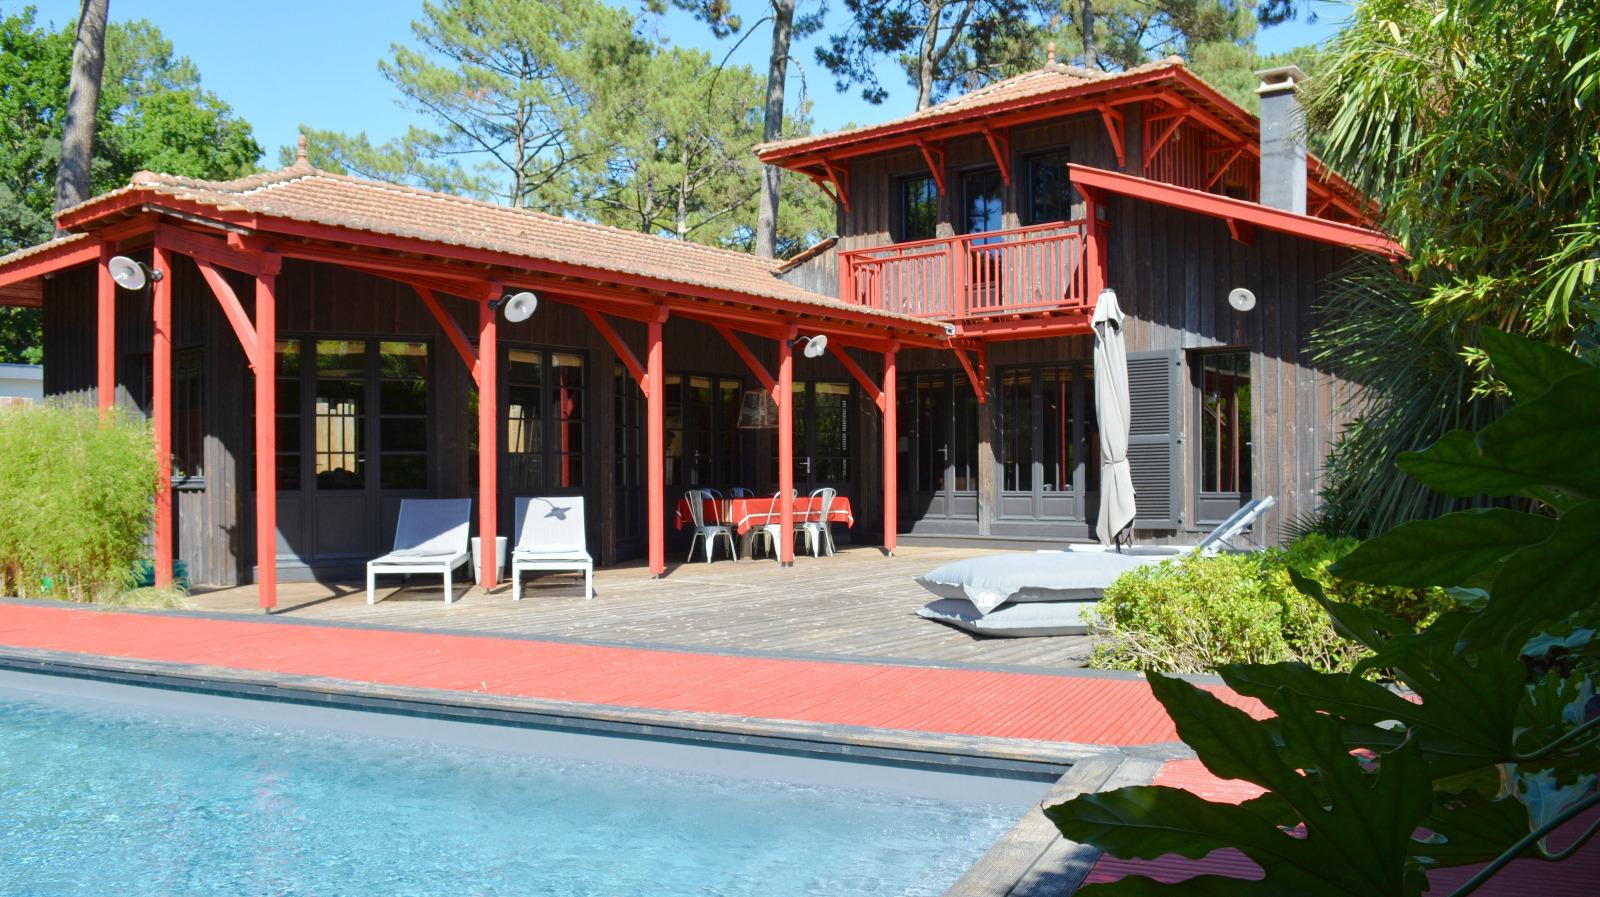 Cap ferret magnifique villa en bois avec piscine deux for Maison a louer cap ferret avec piscine